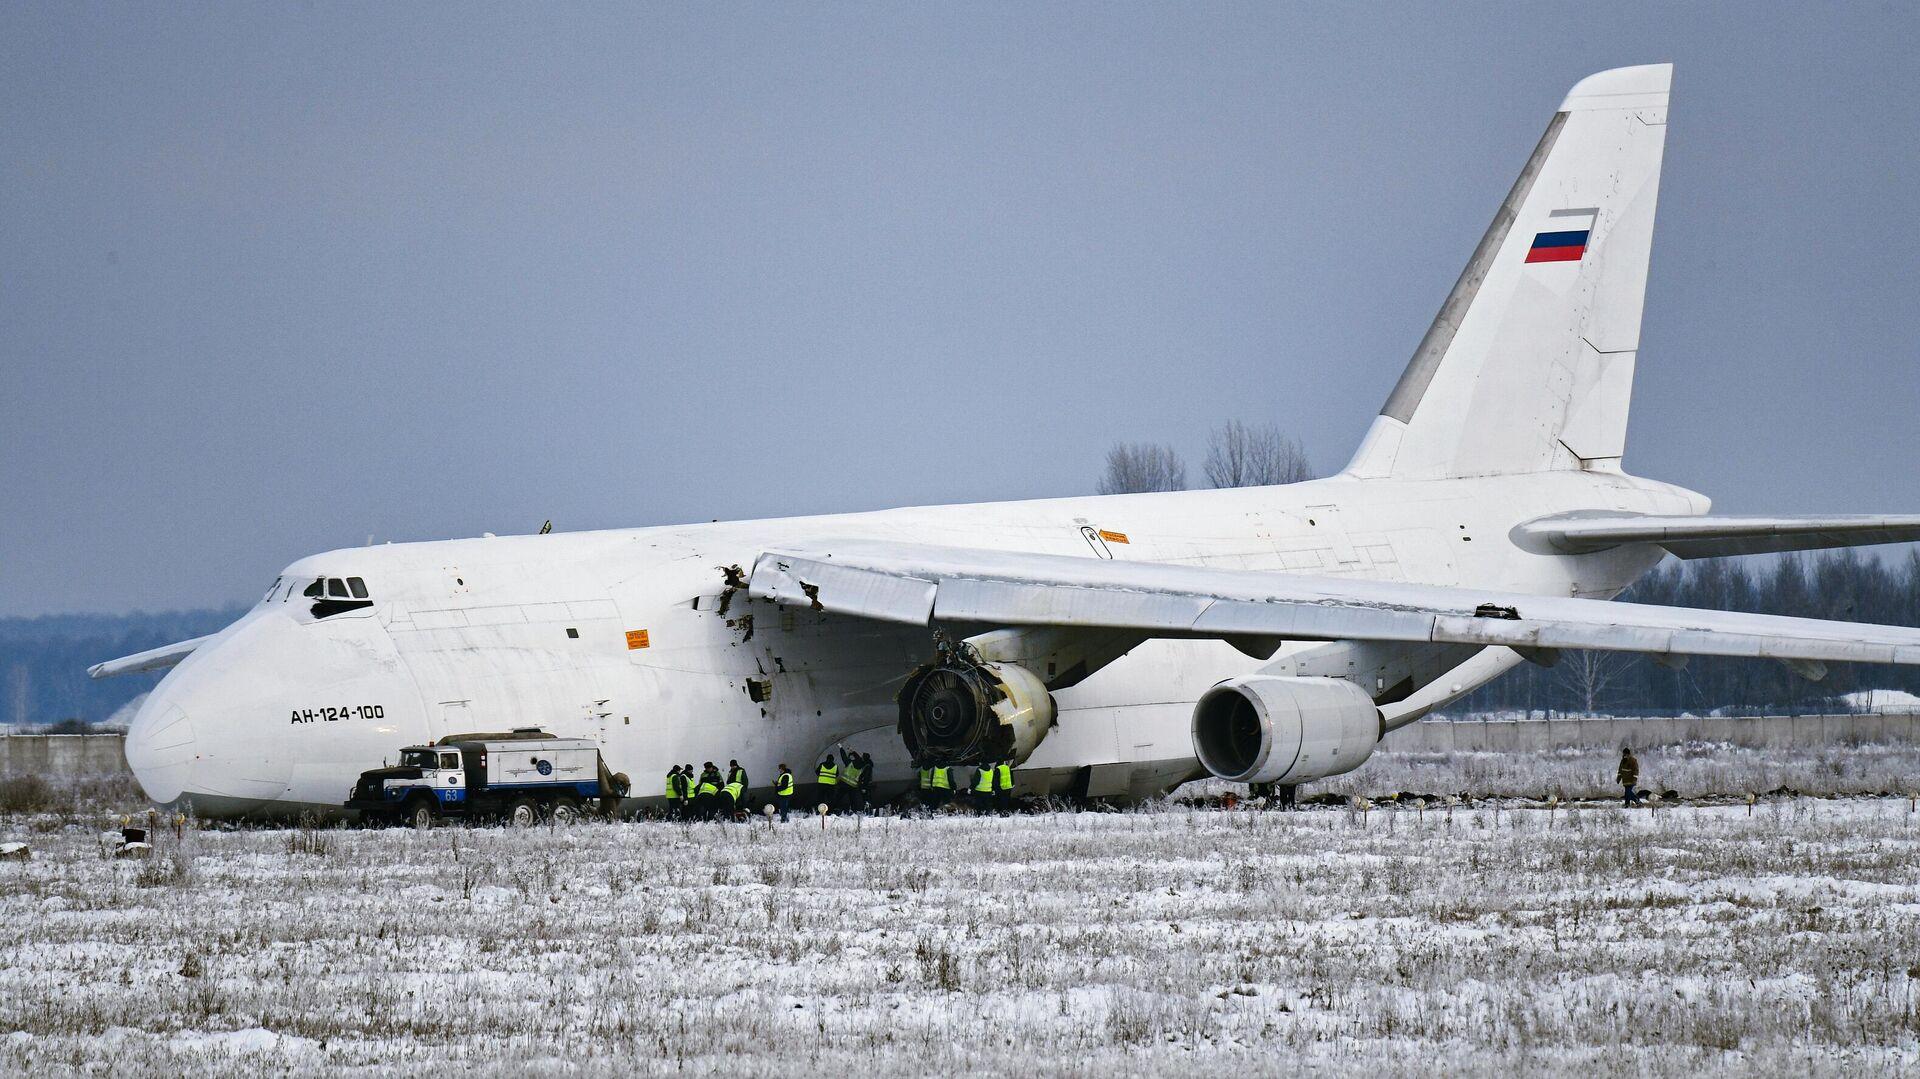 Работы на месте аварийной посадки самолета Ан-124 в аэропорту Толмачево в Новосибирске - РИА Новости, 1920, 15.11.2020